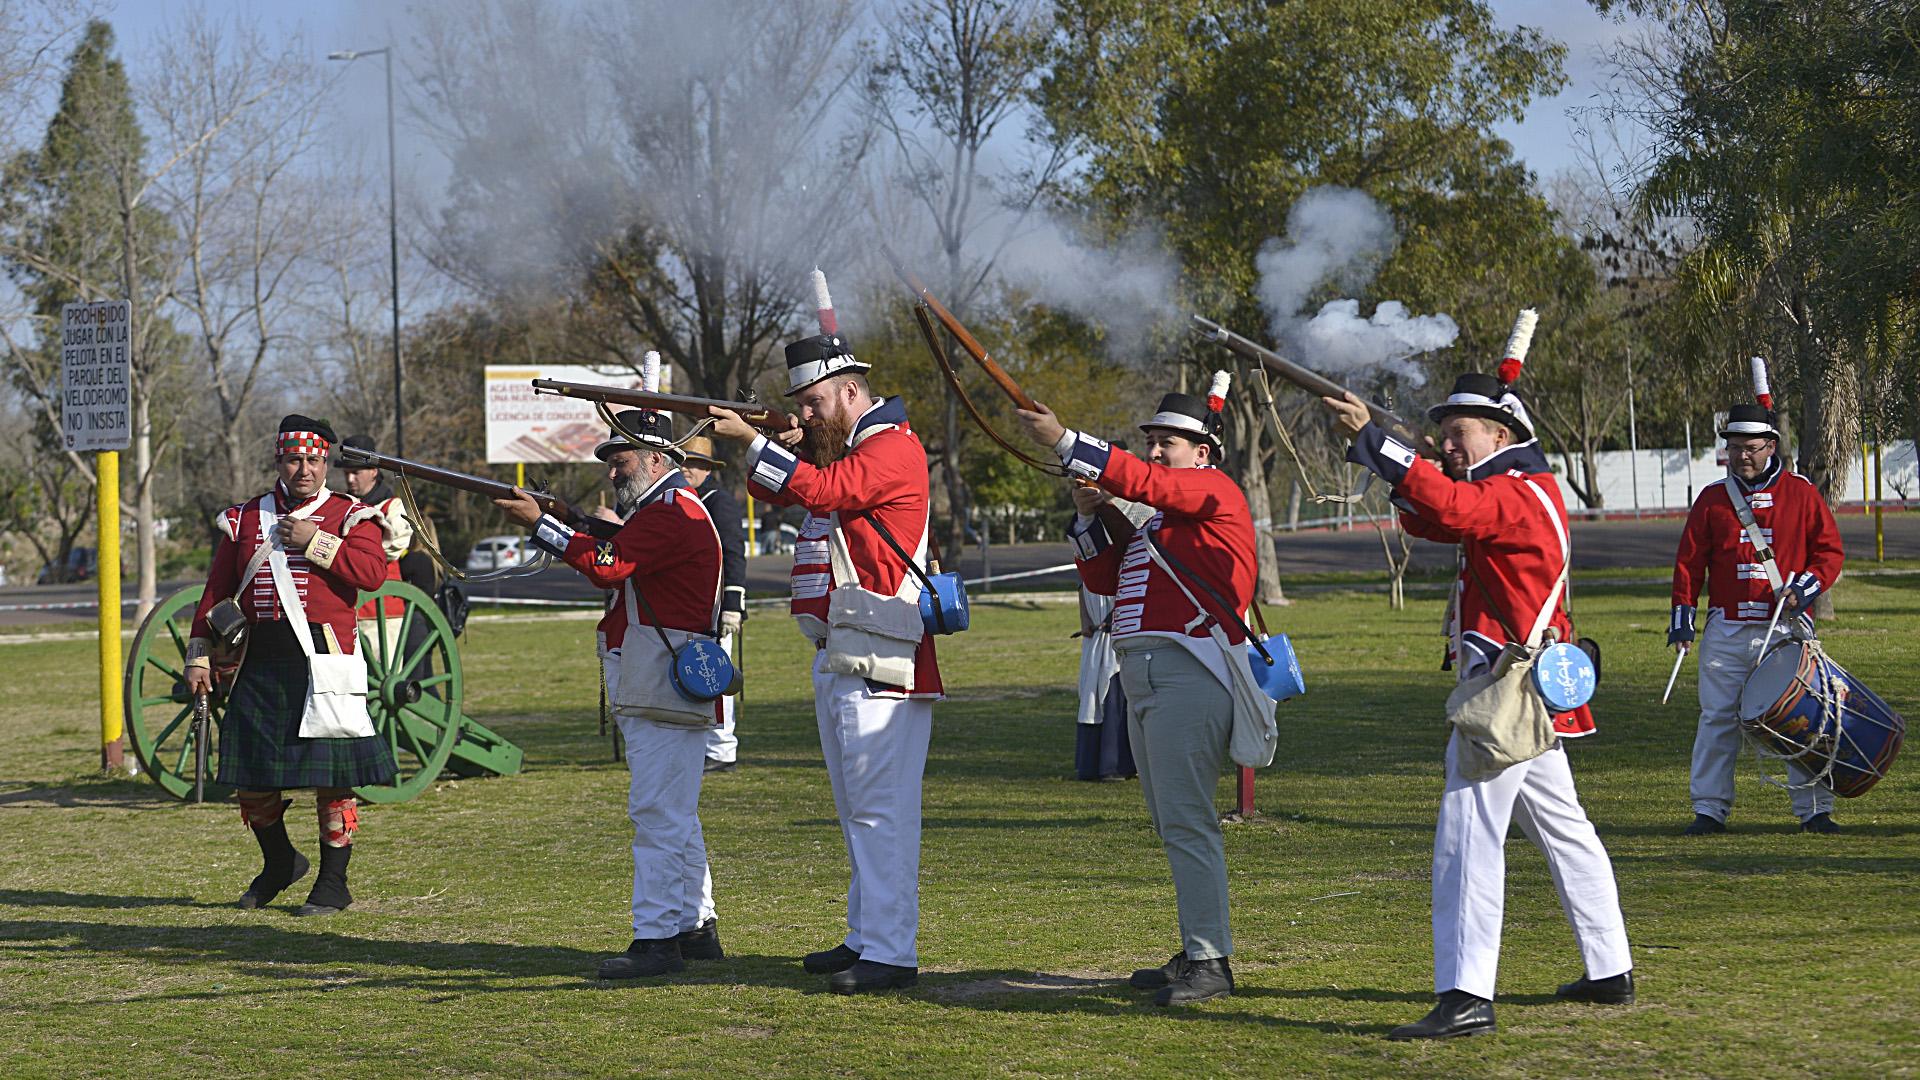 Con trajes originales, armamento y hasta cañones, todos disfrutaron de un gran show